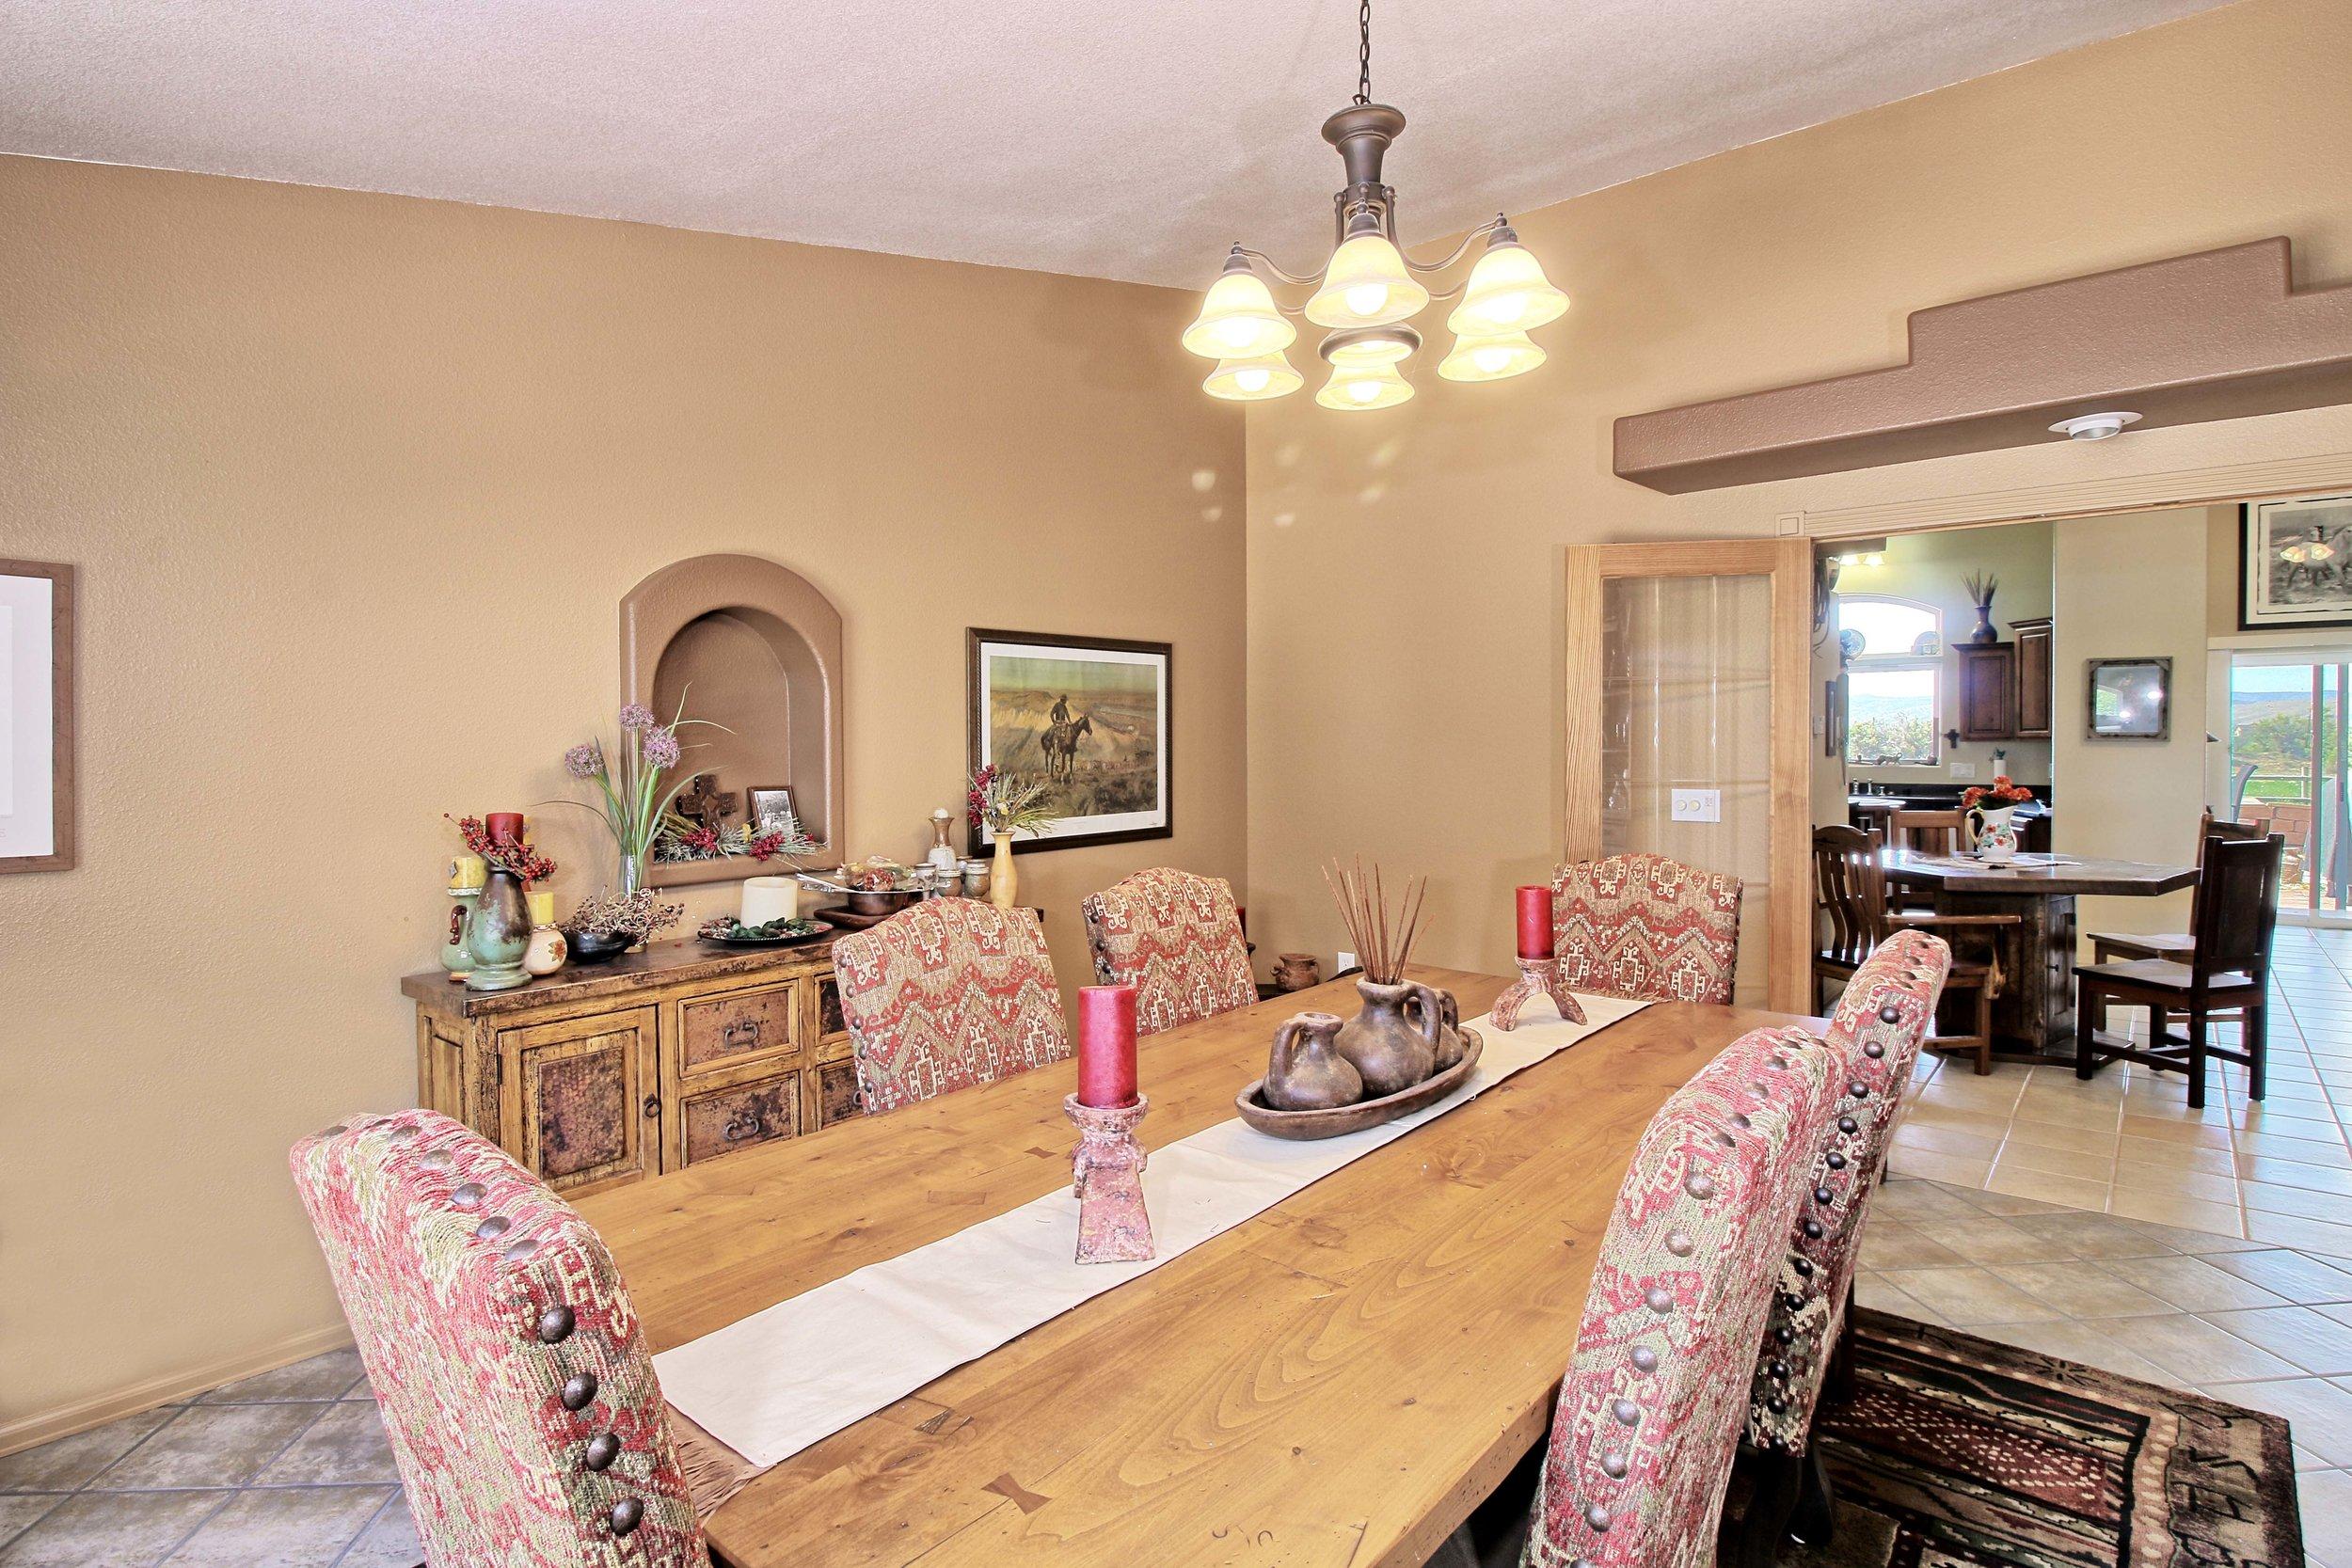 853 R Rd Dining Room.jpg